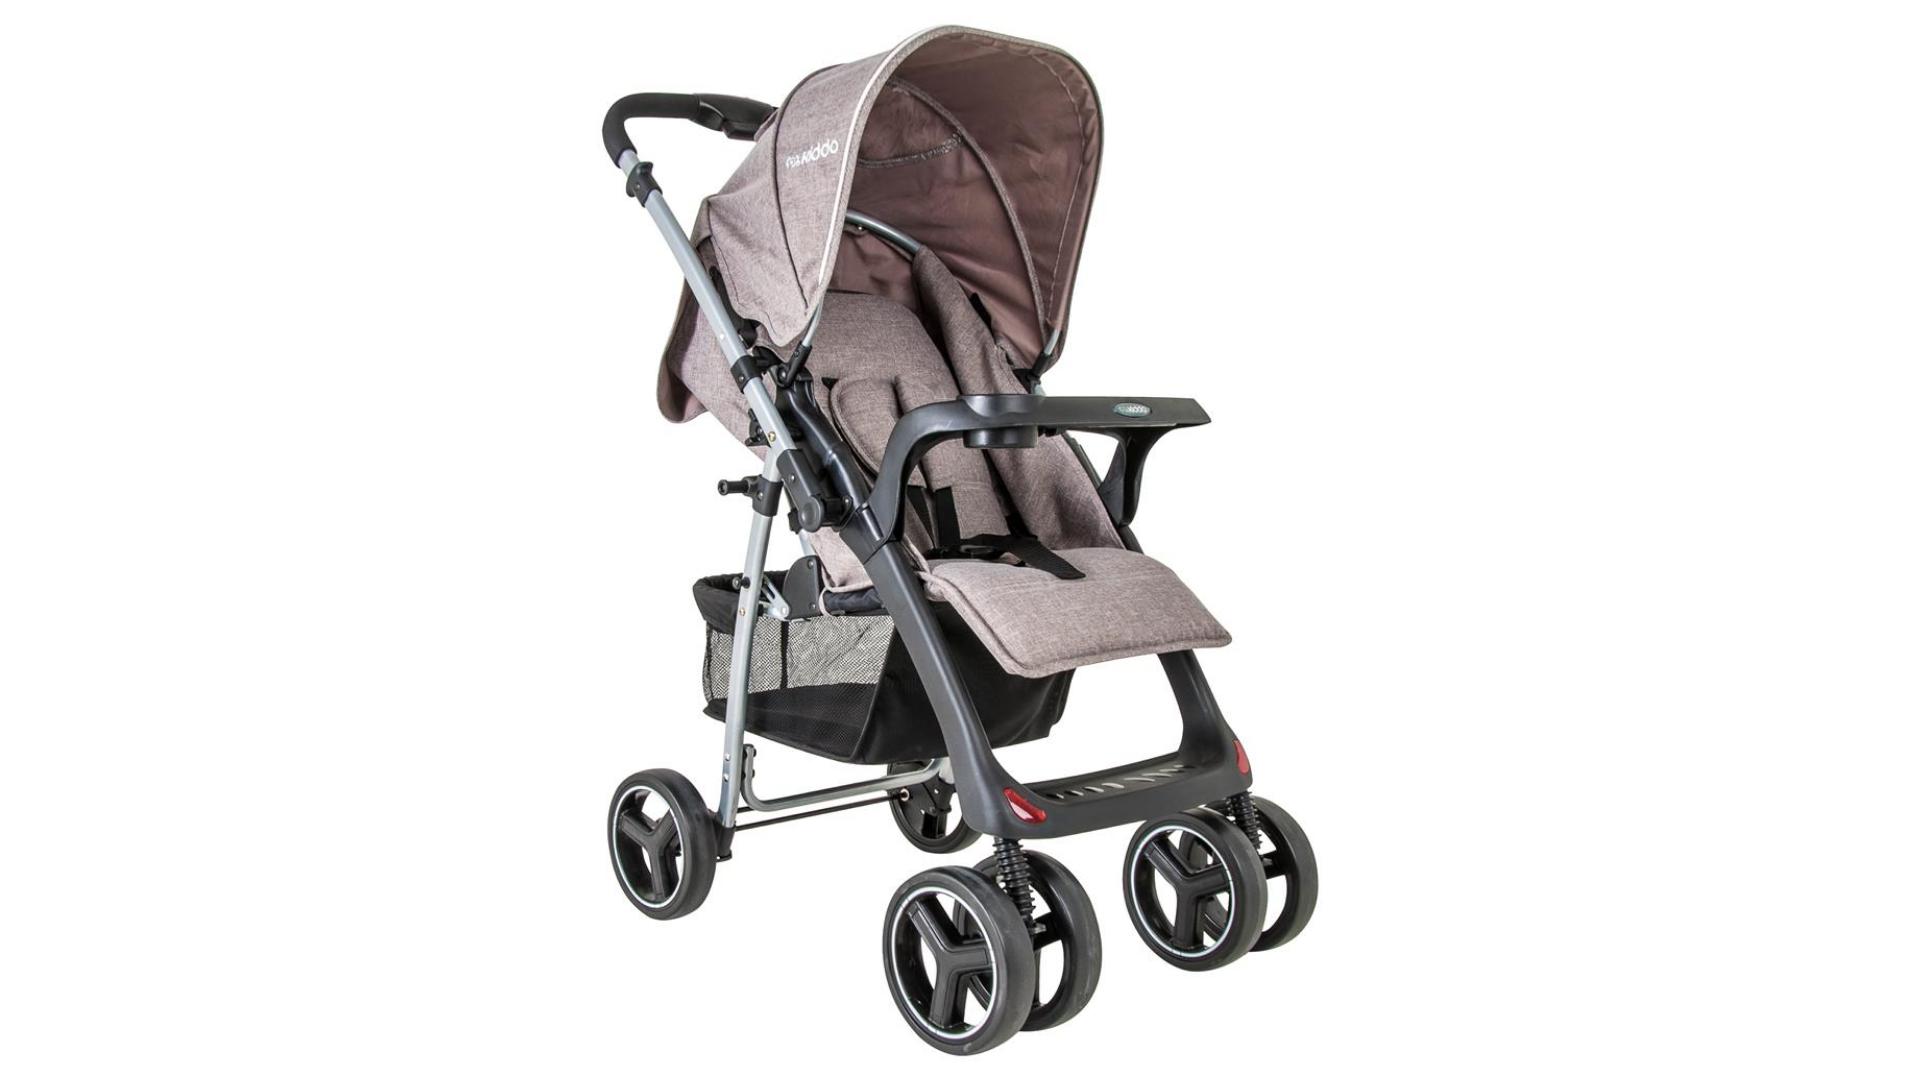 O carrinho de bebê com 6 rodas garante ainda mais estabilidade (Imagem: Divulgação/Kiddo)